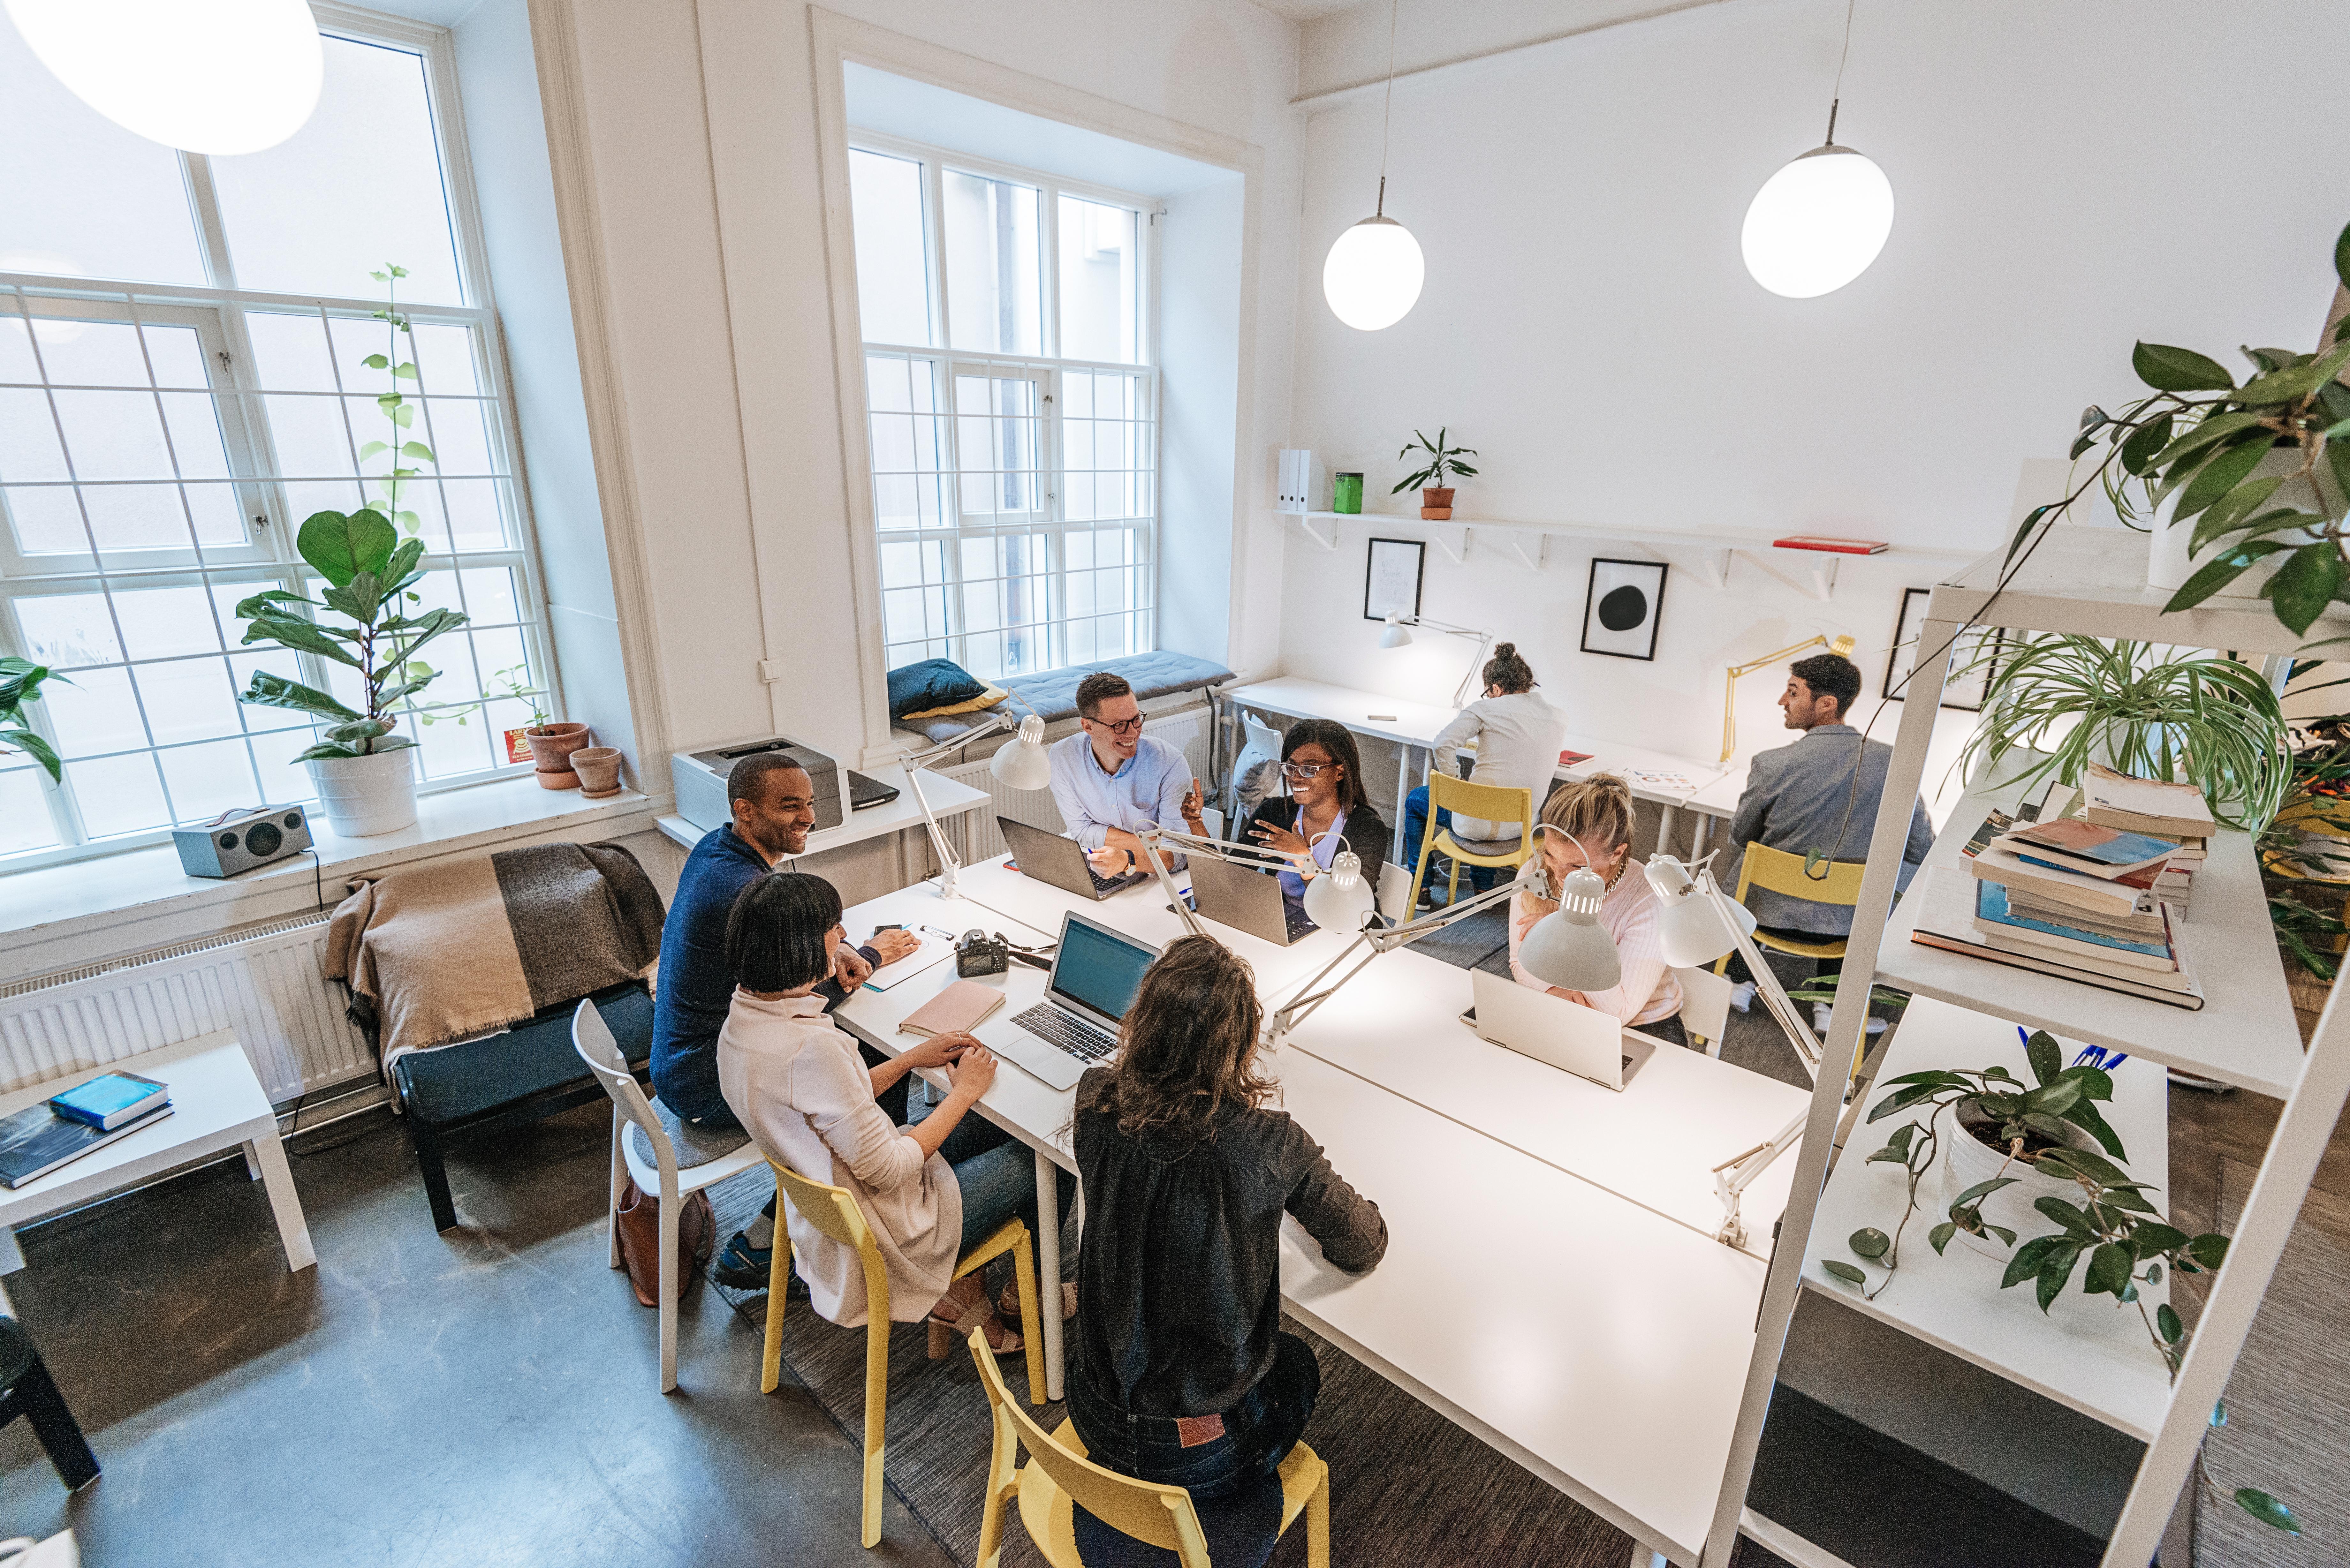 Büros , undefined - Büro mieten in der aufstrebenden Wirtschaftsstadt Fürth - 20